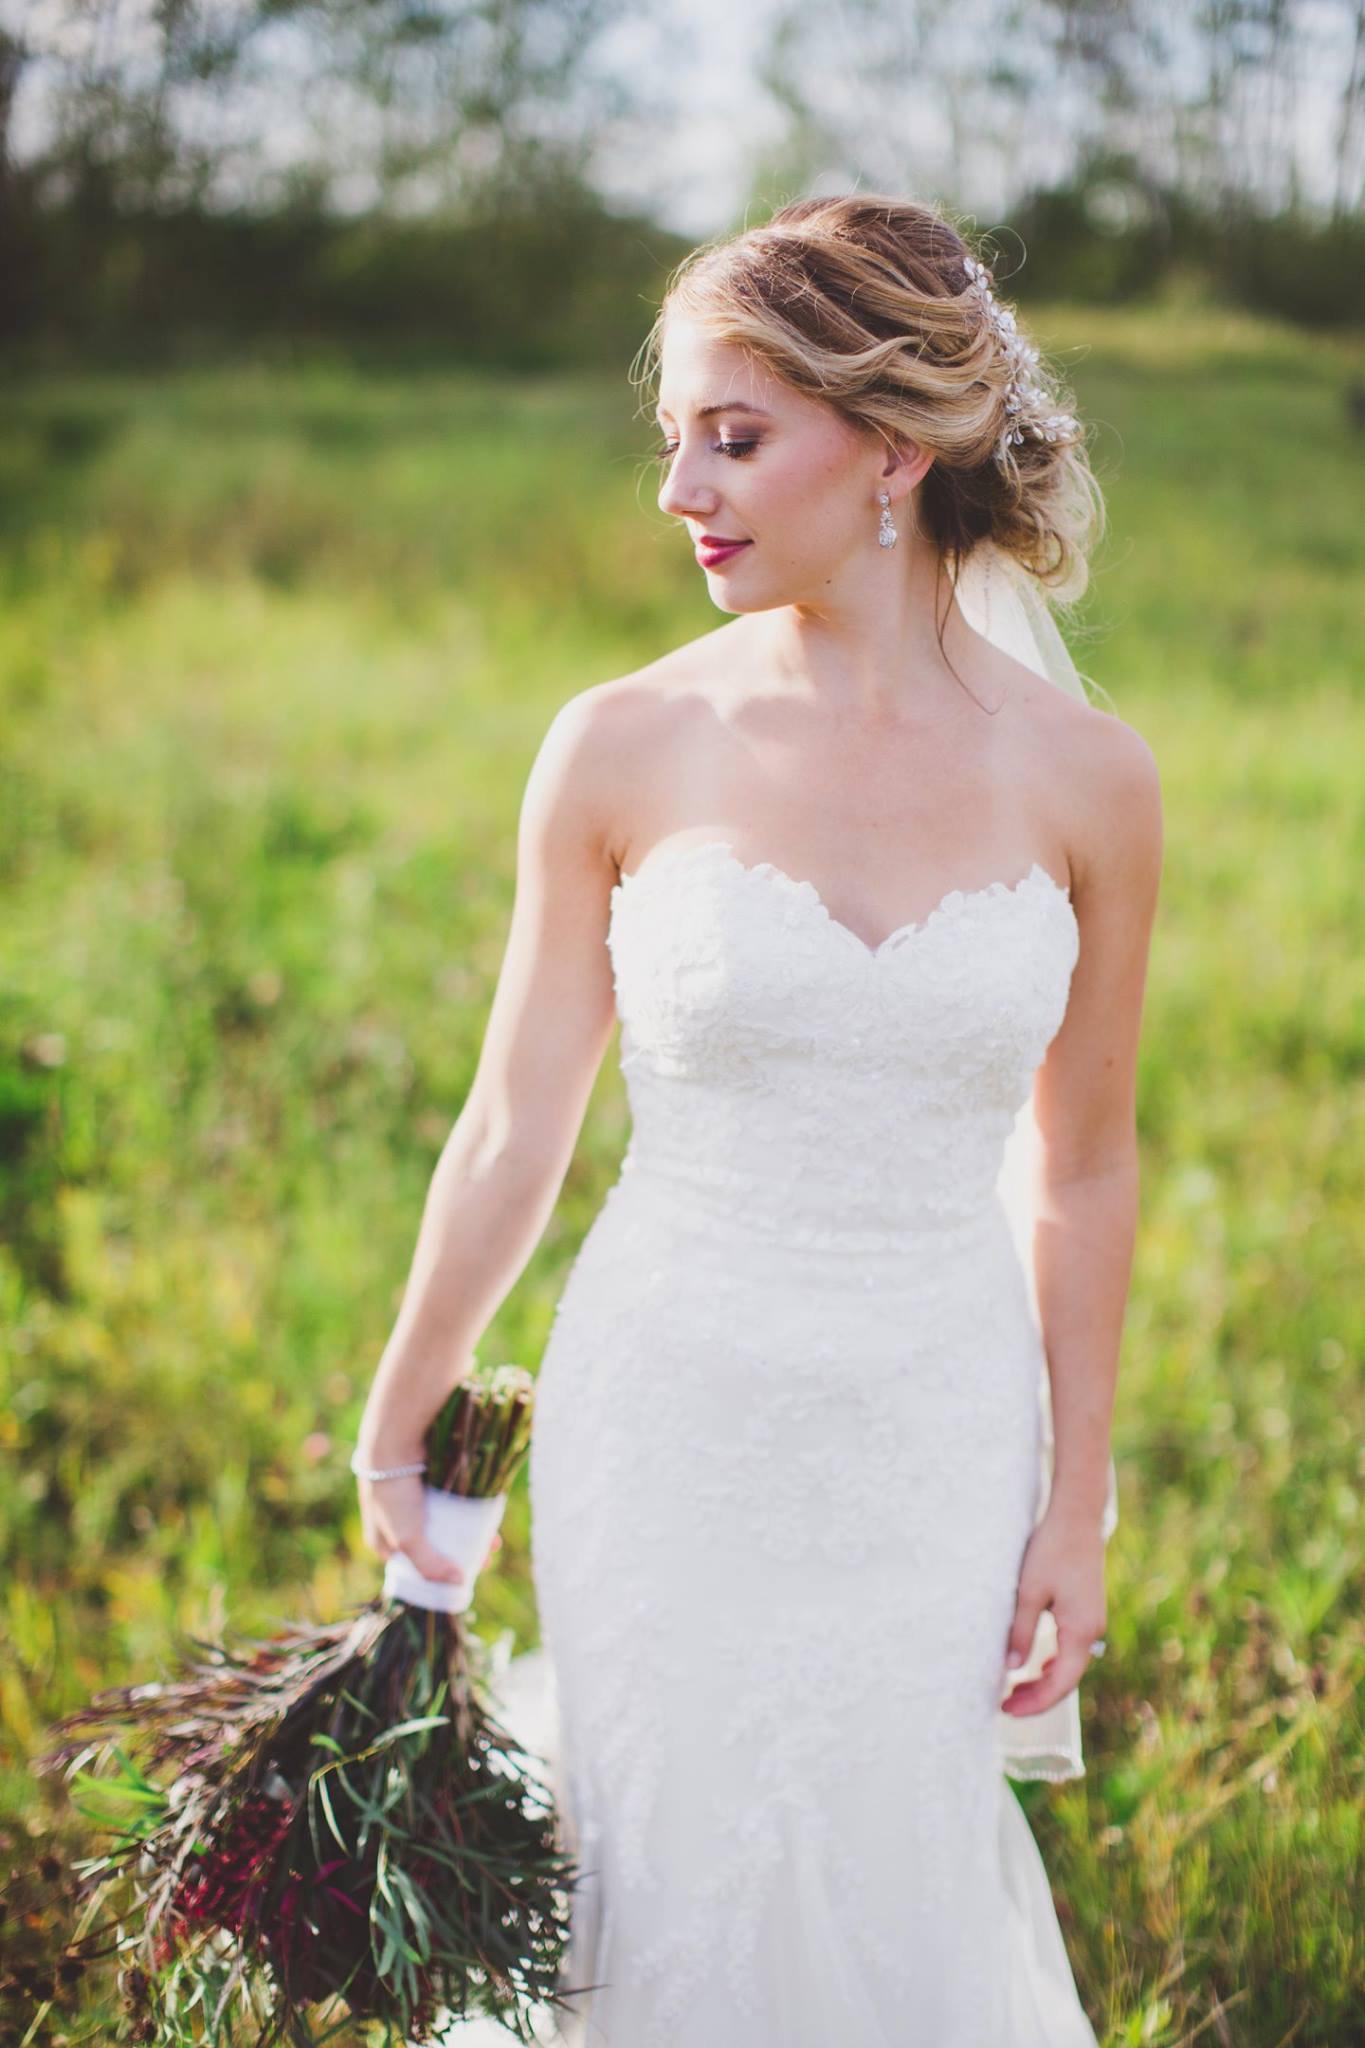 Jesslaine Elise Photography